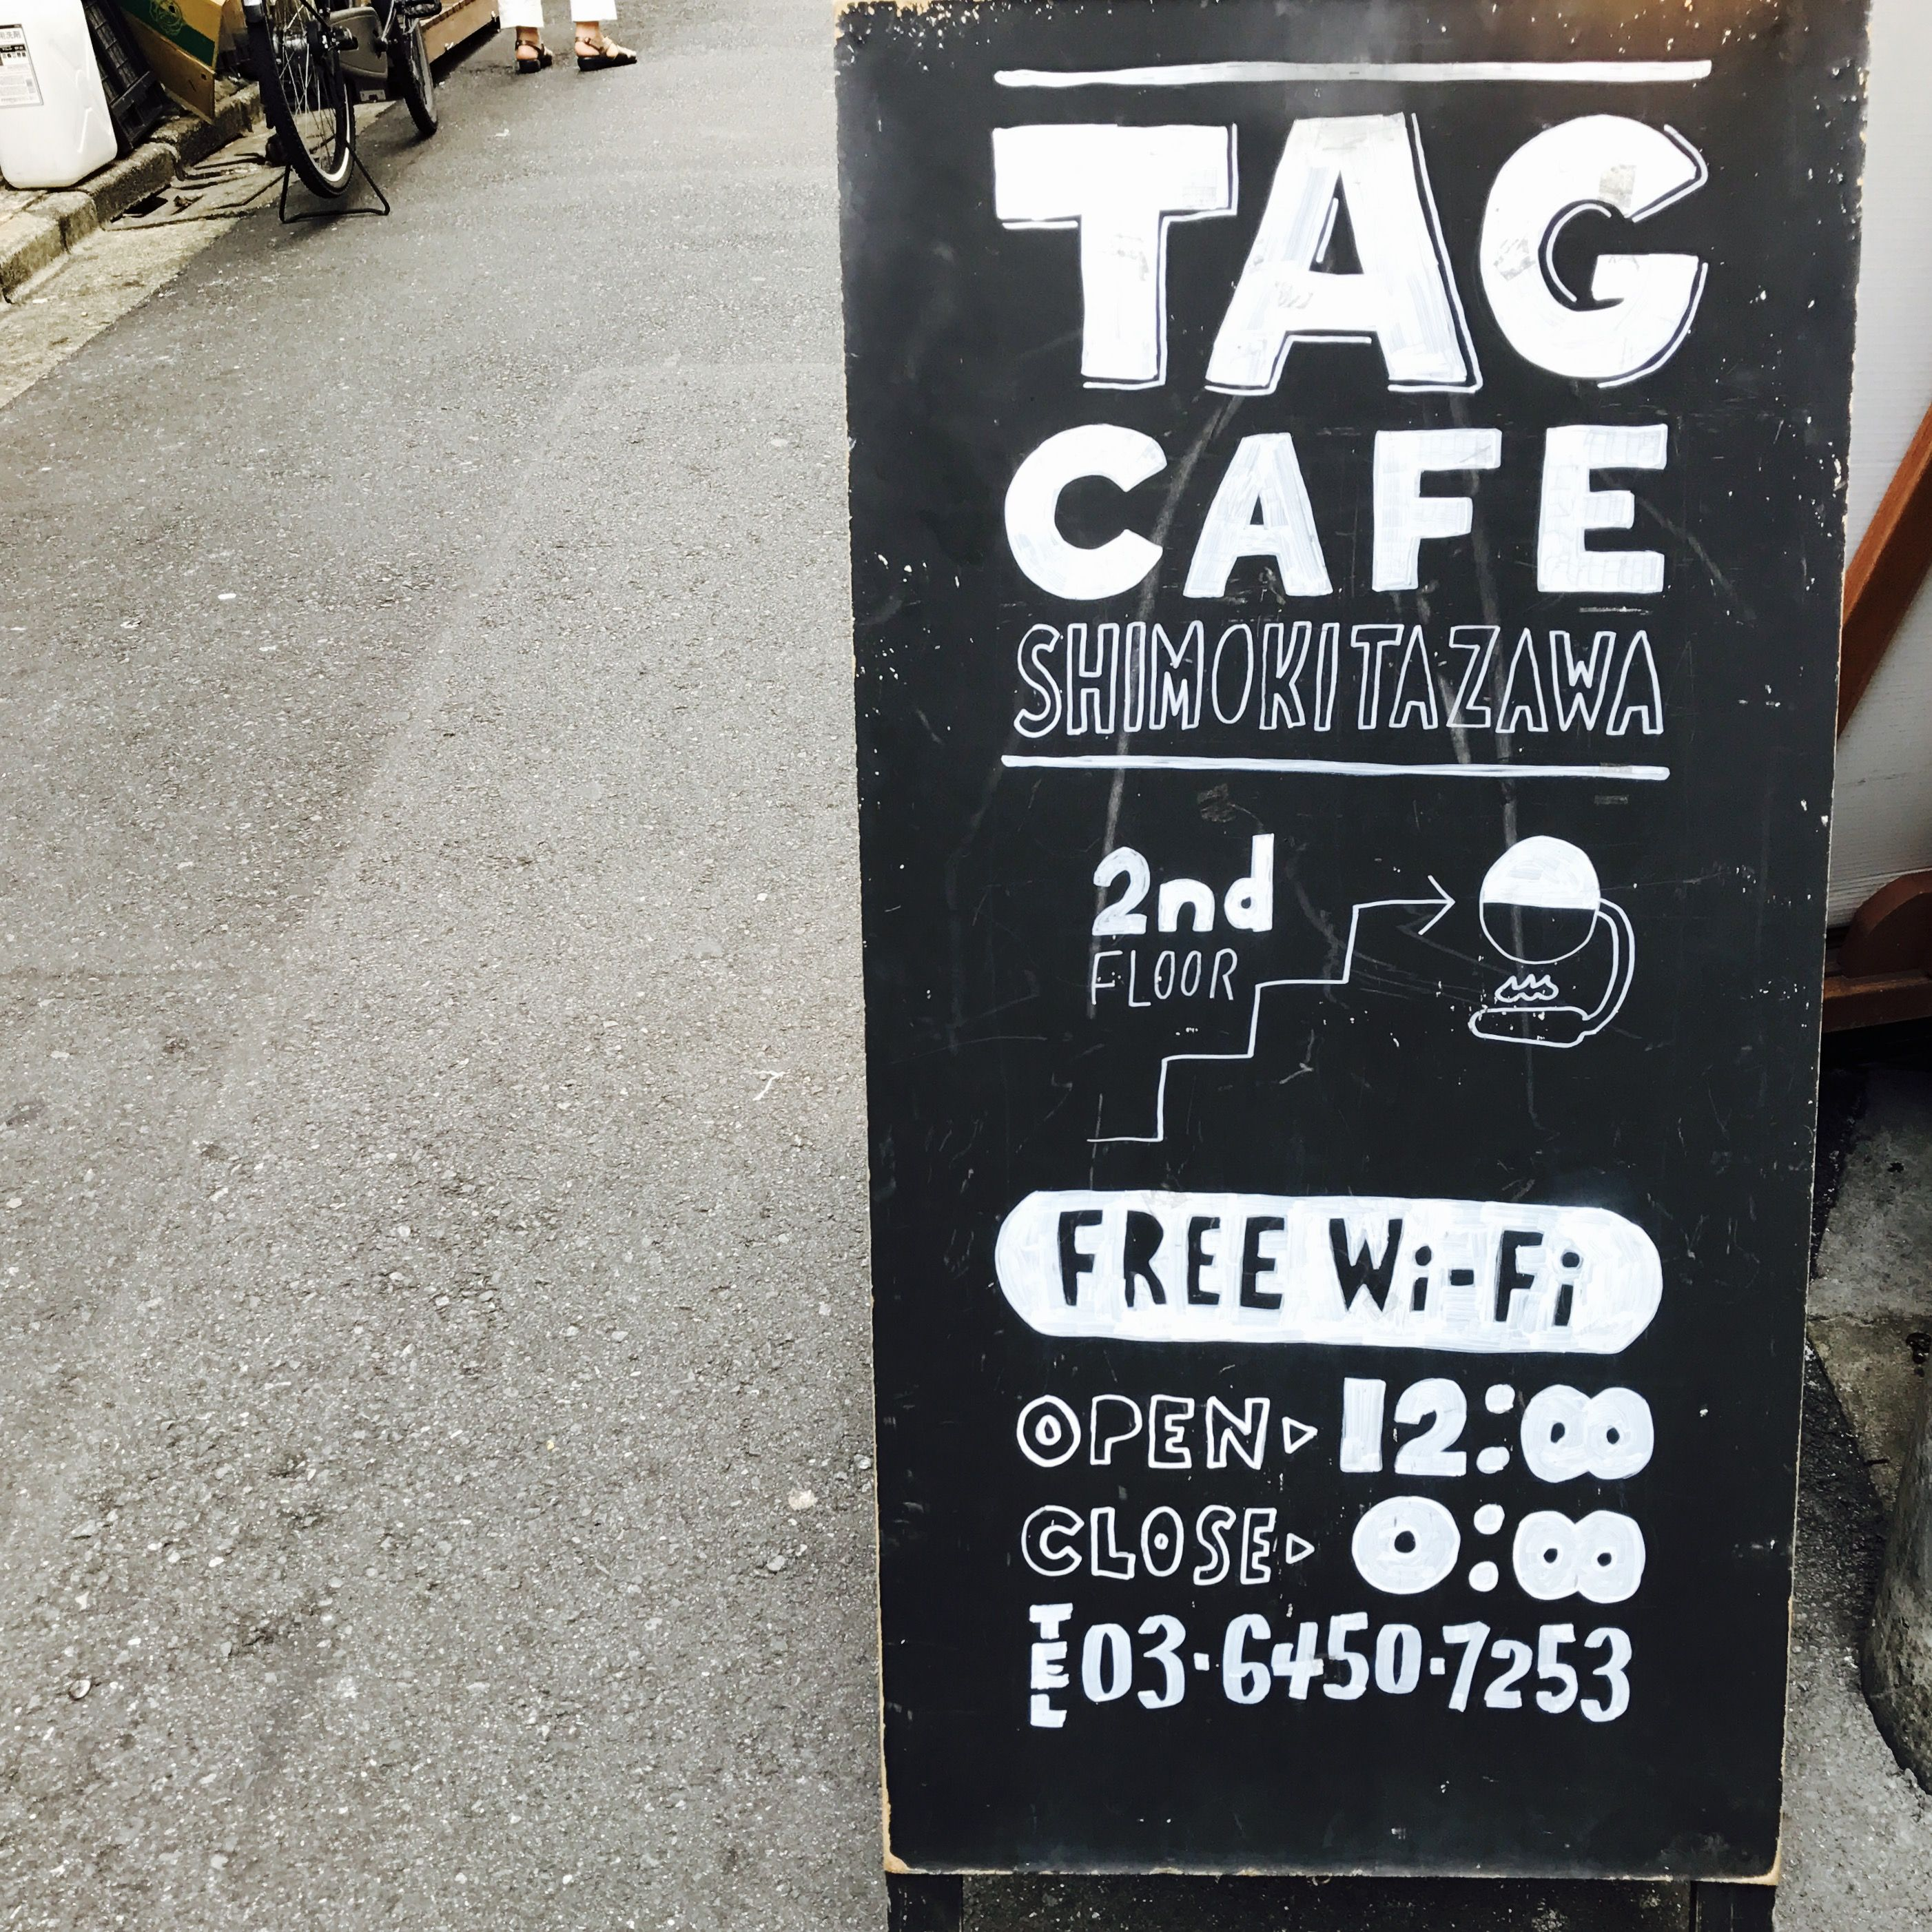 ルーツファクトリー東京店の裏の道にあるtagcafeさん